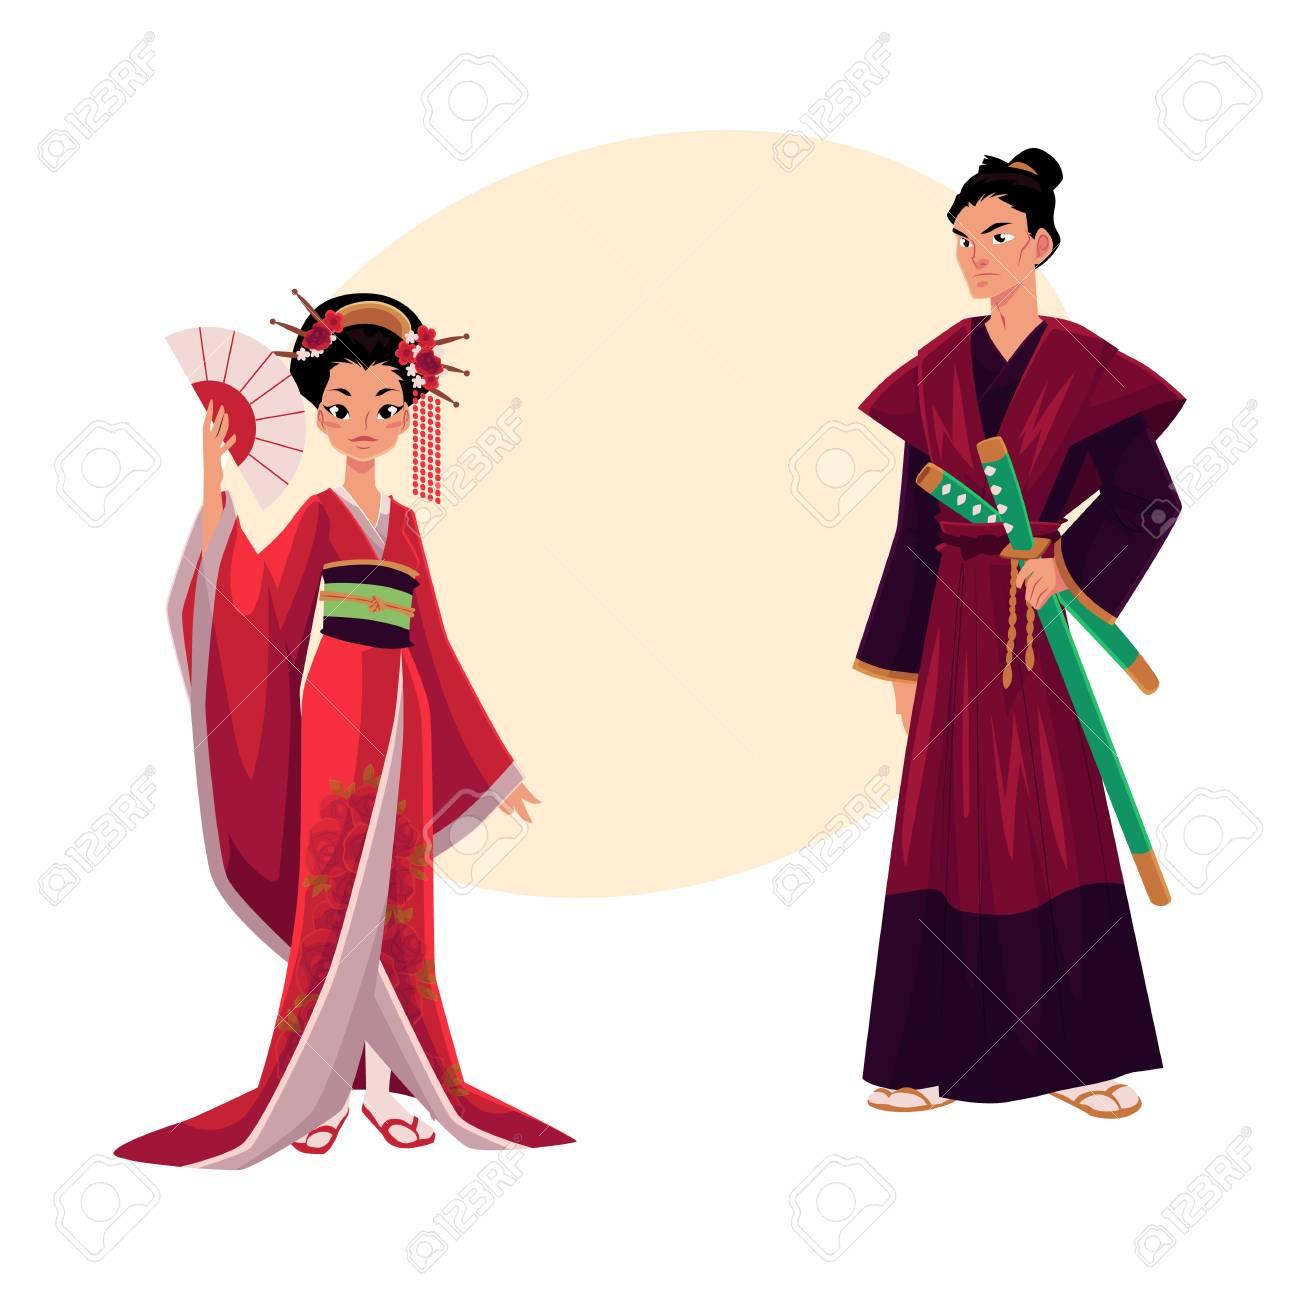 b1cf0e181 Geisha japonesa y samurai en kimono tradicional, símbolos de Japón,  ilustración vectorial de dibujos animados con lugar para el texto. Retrato  de ...